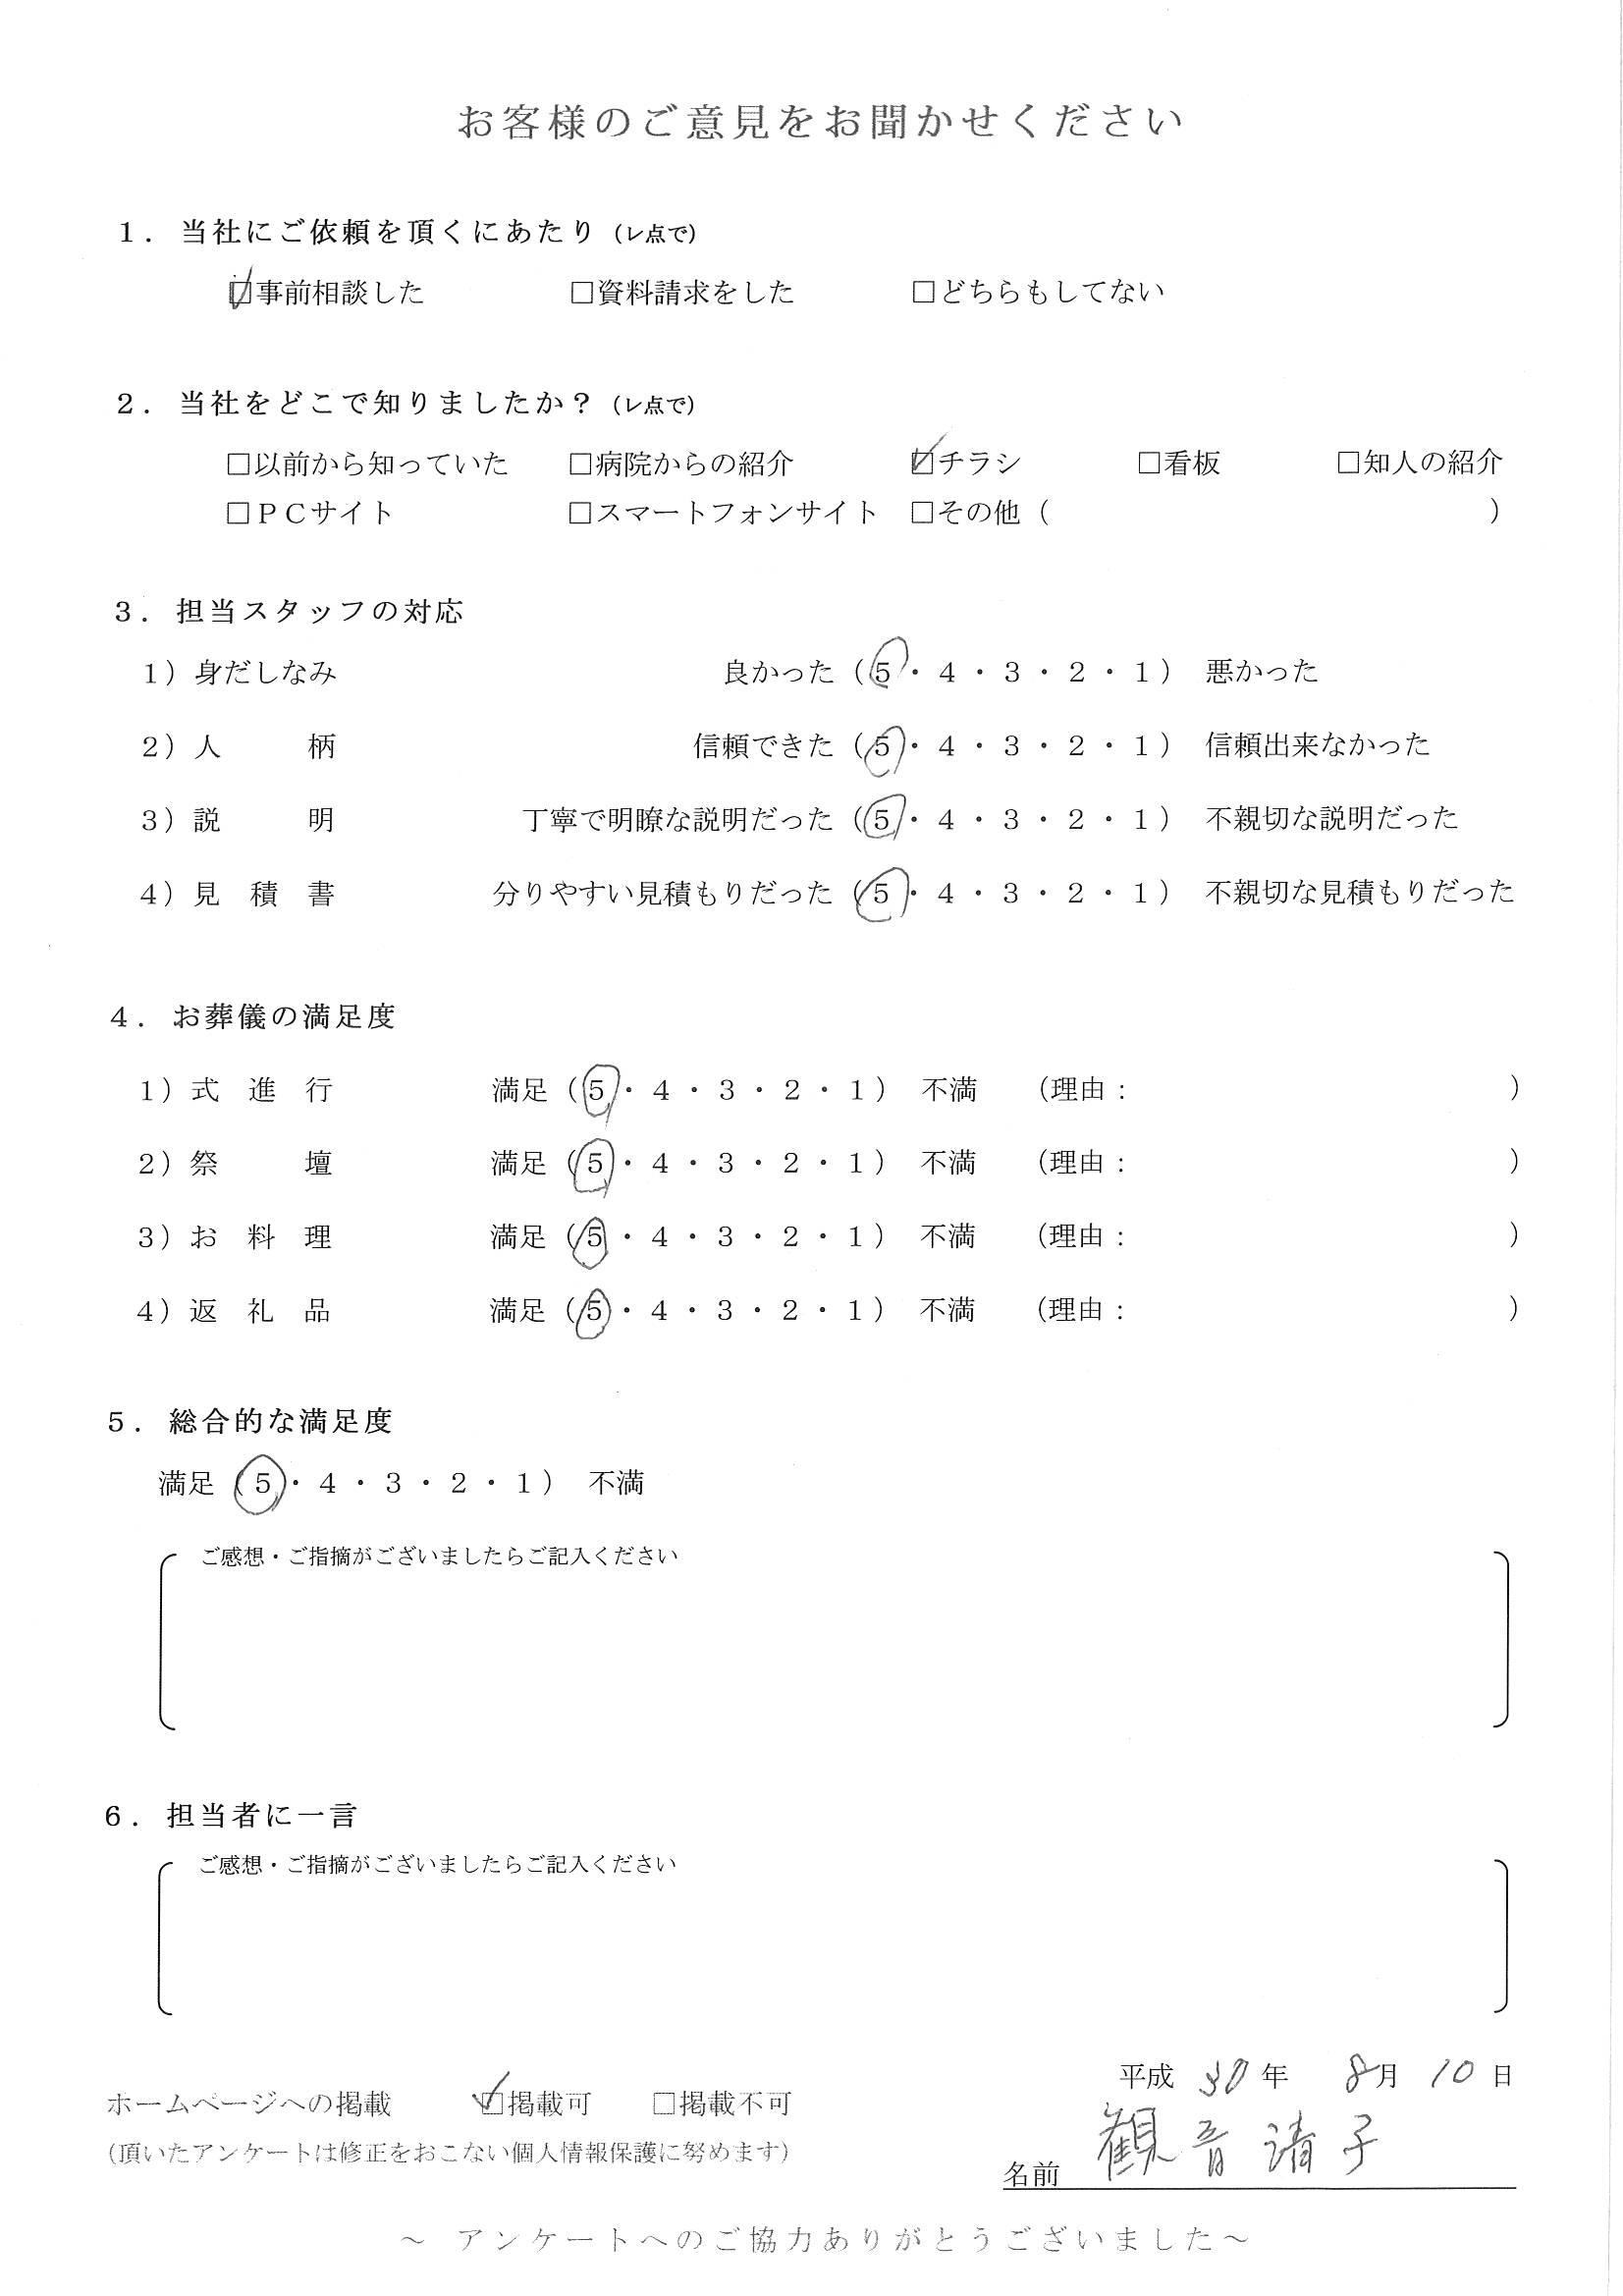 2018.08.10 狛江市 観音様